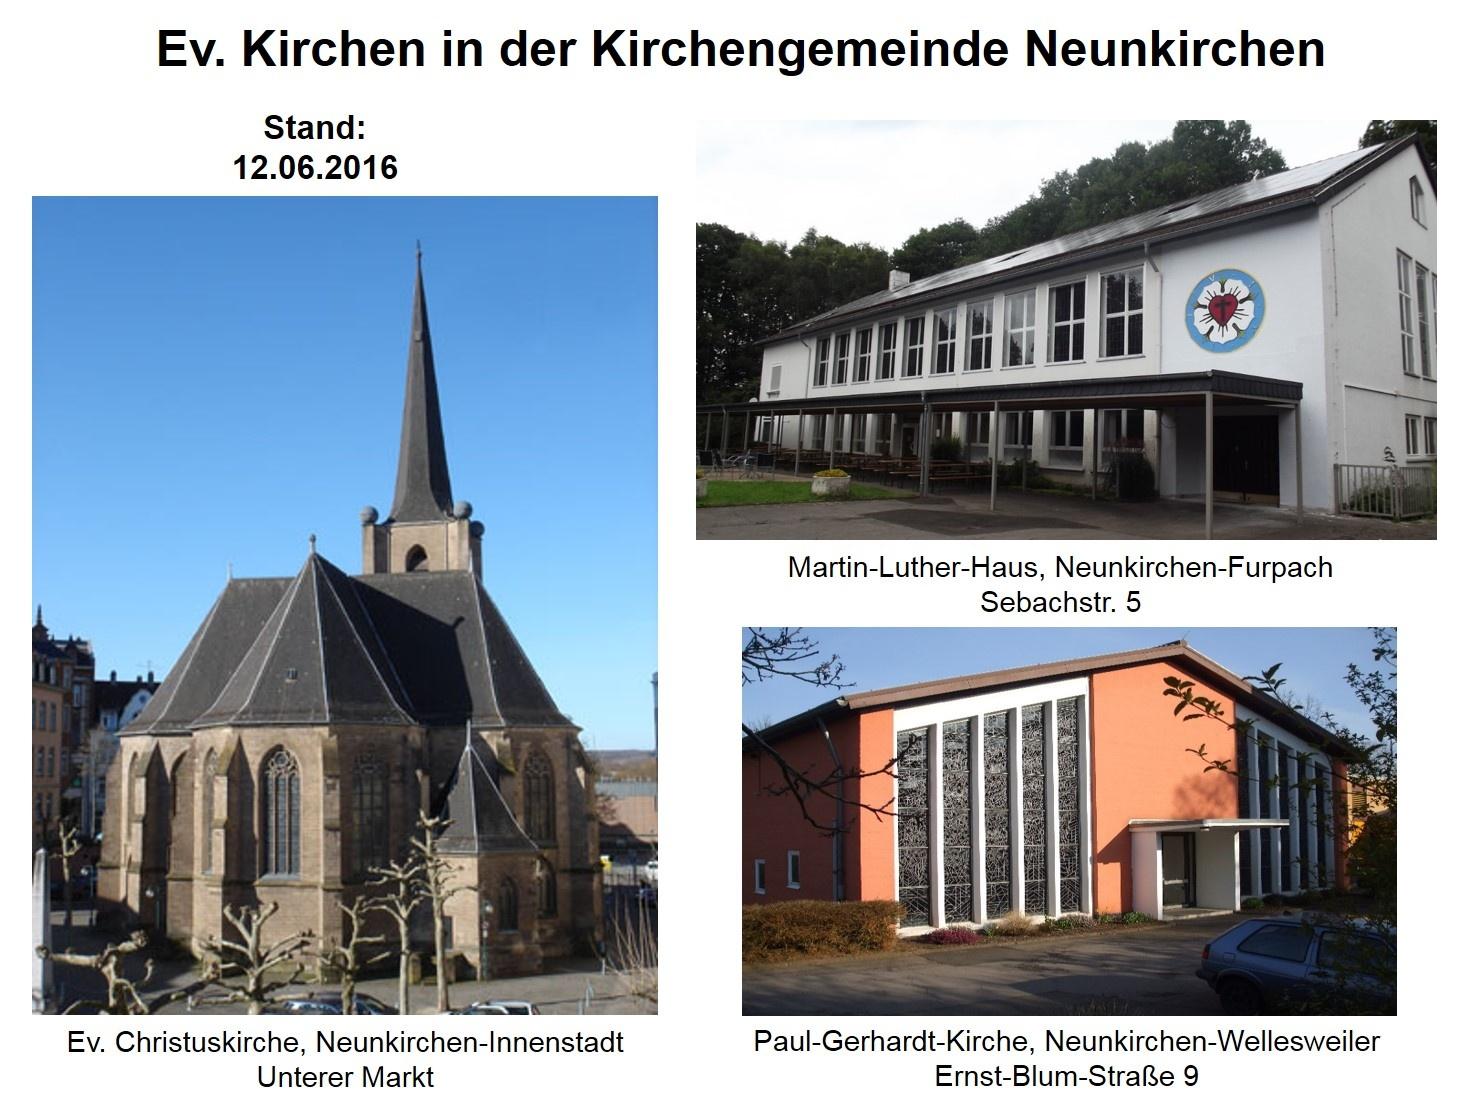 Ev. Kirchen in der Kirchengemeinde Neunkirchen (Foto: H.- J. Strack)